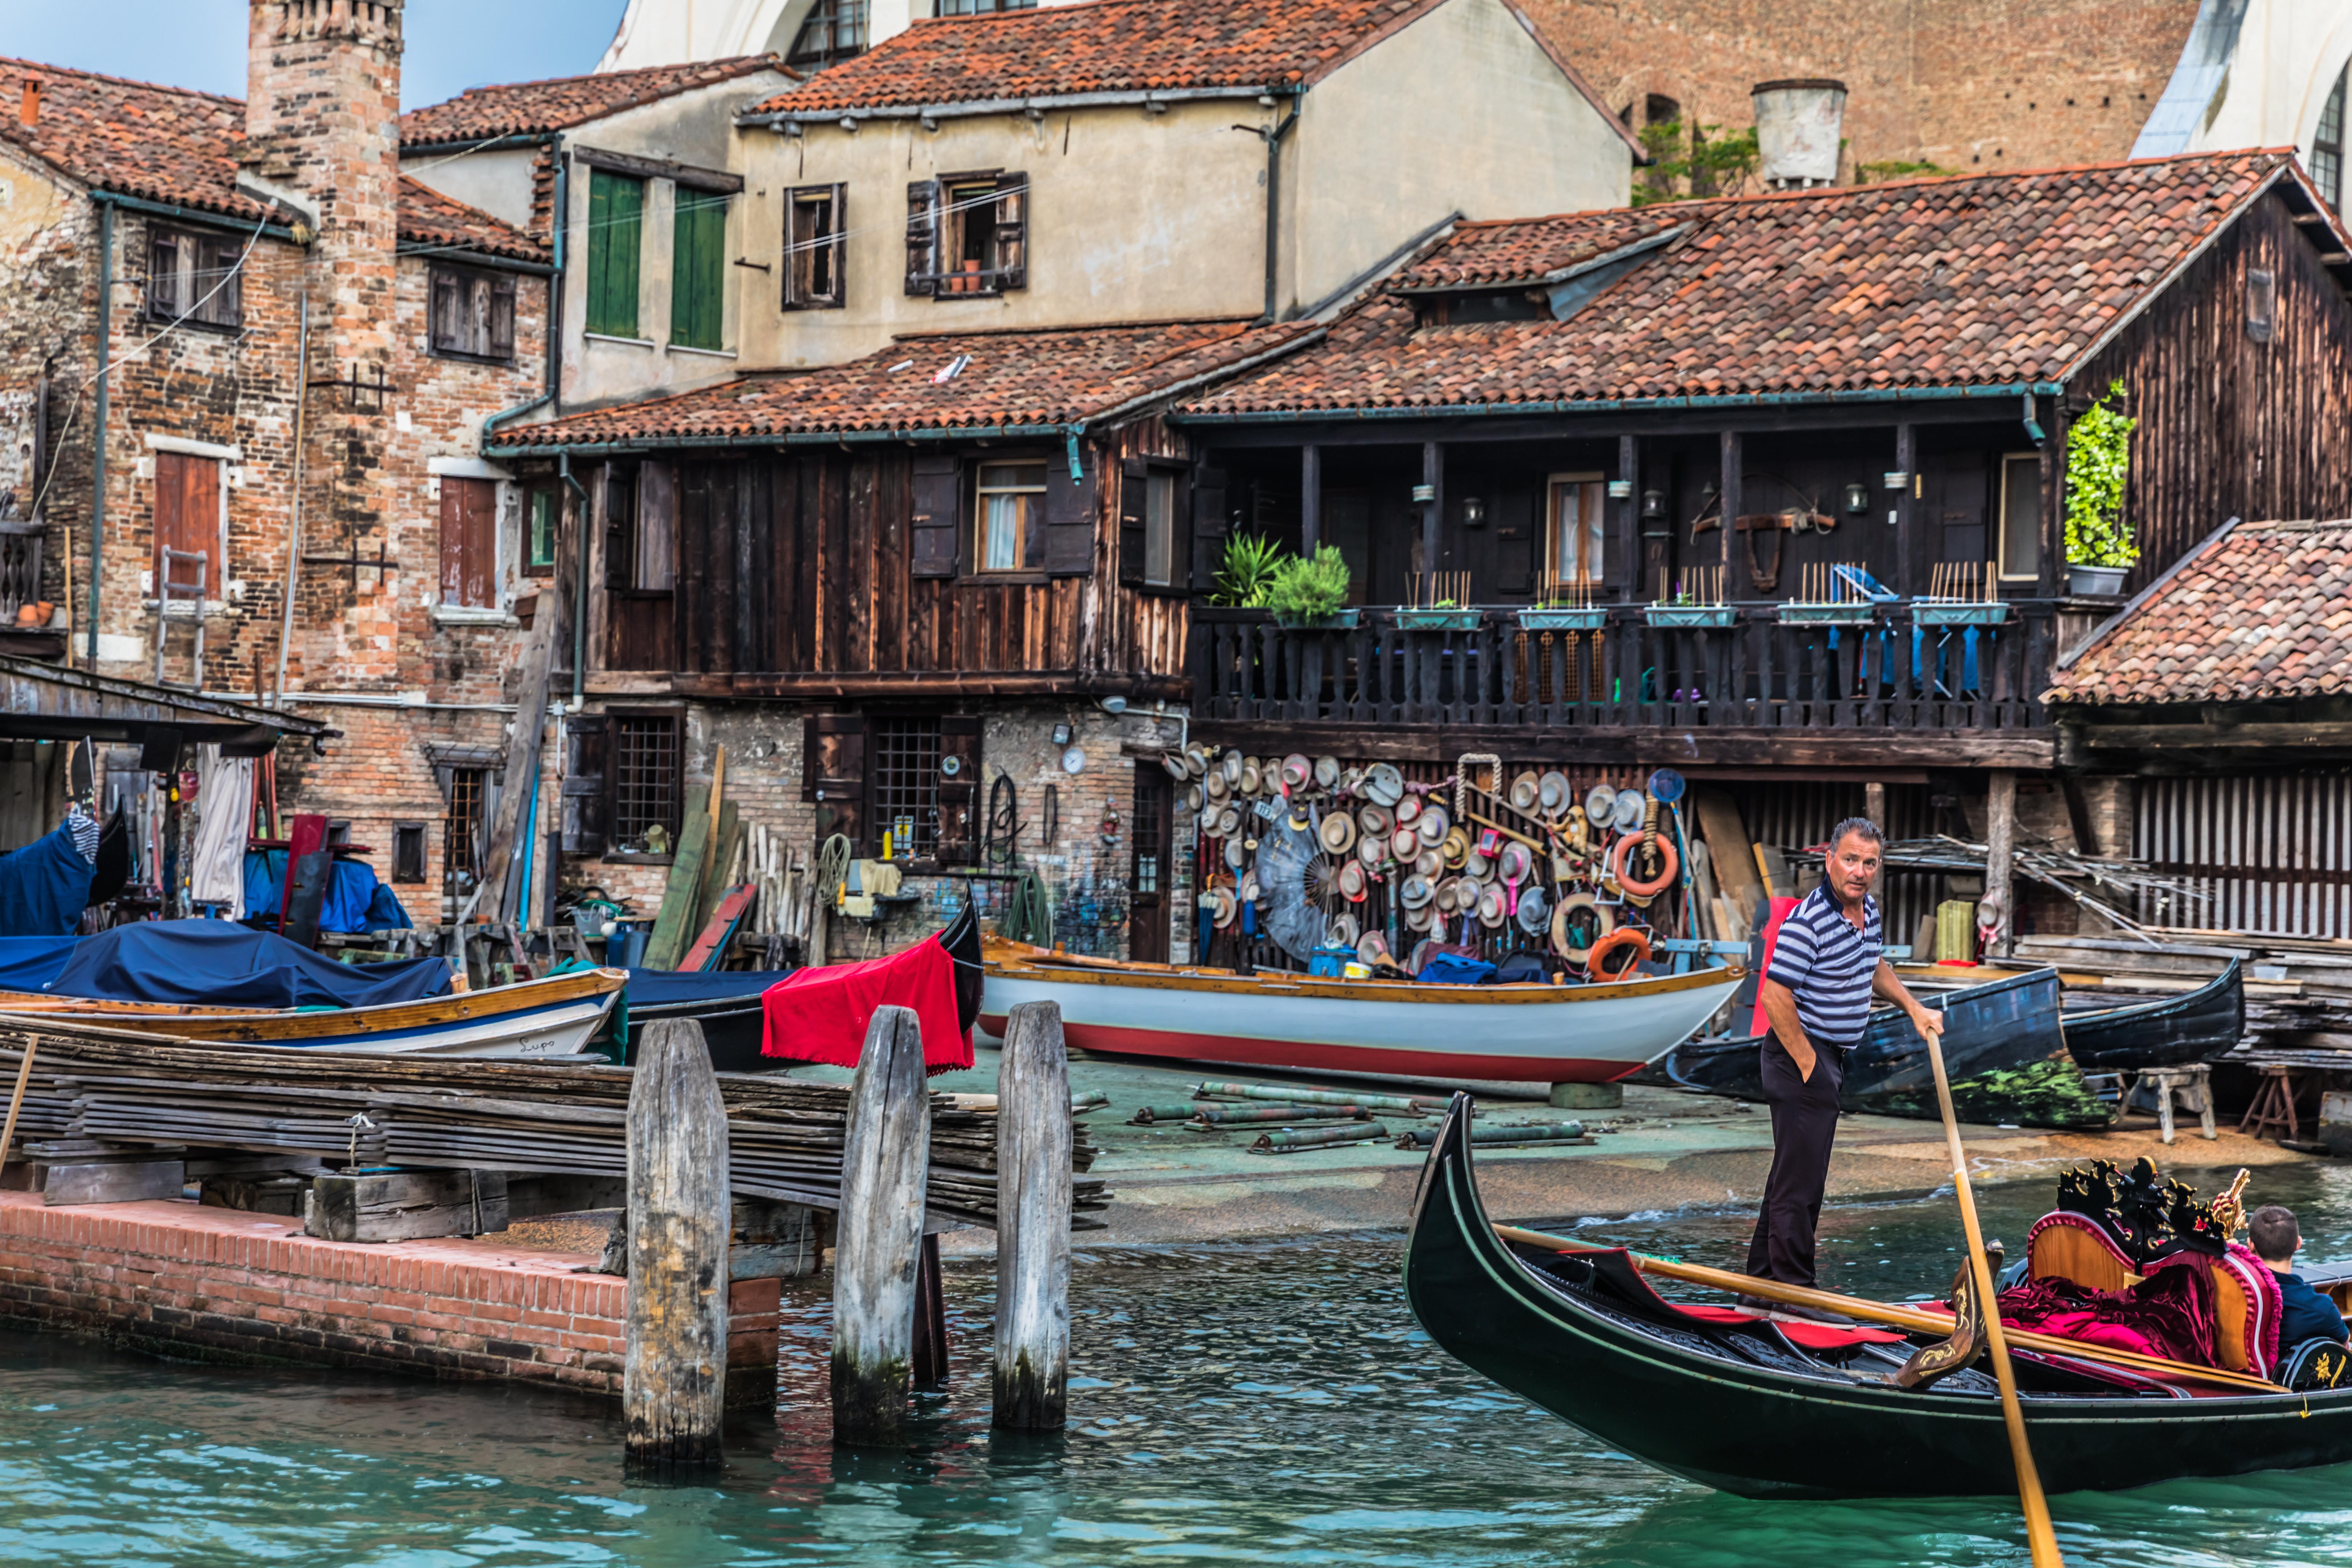 venice-santa-croce-gondola-factory-gondolier